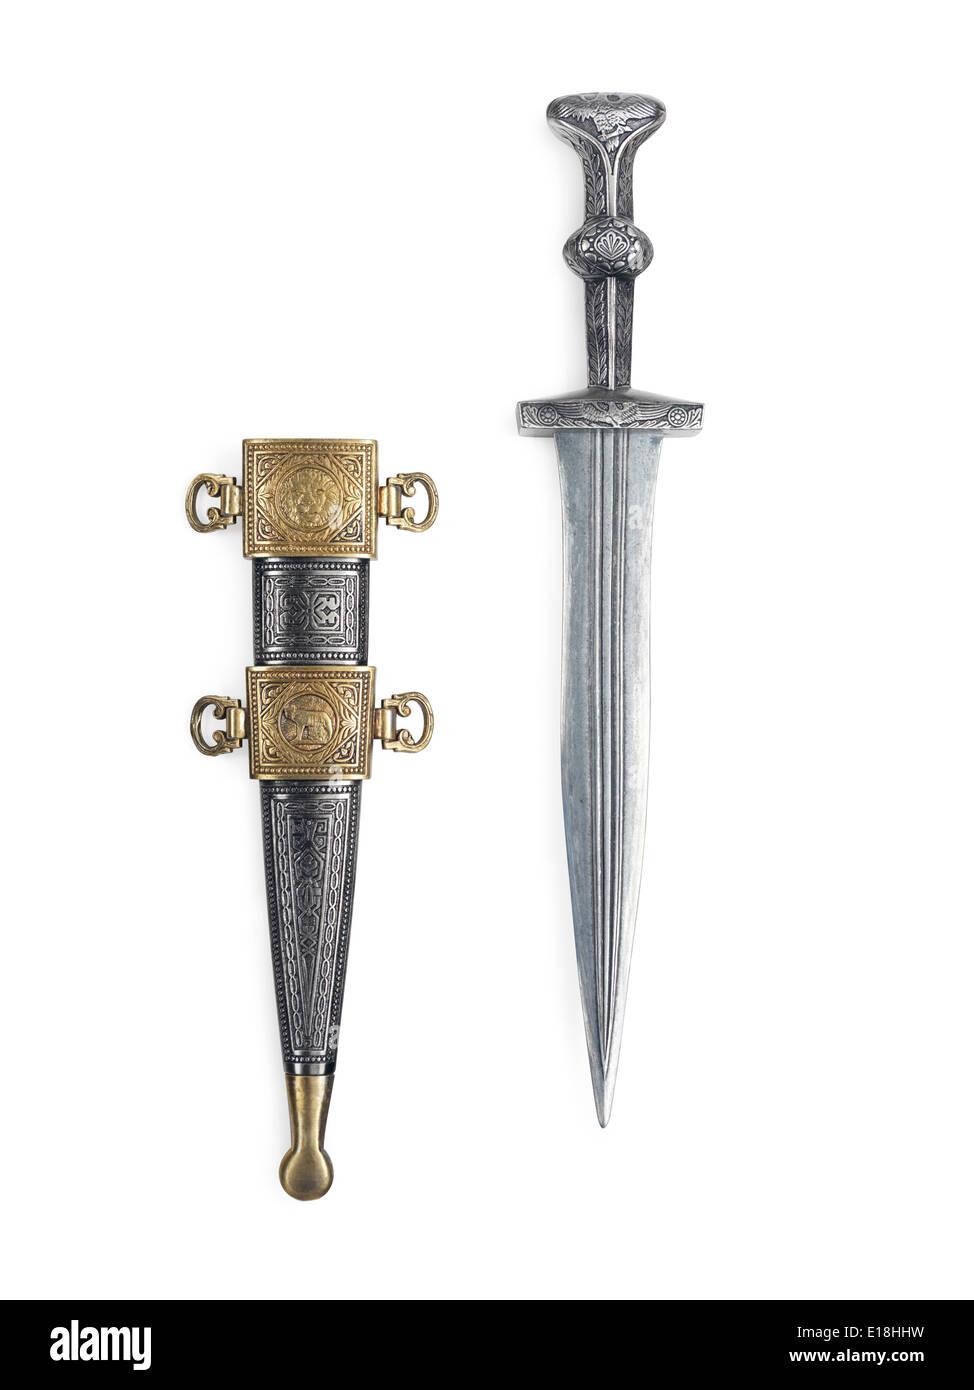 Romain antique épée courte dague et fourreau isolé sur fond blanc avec clipping path Photo Stock